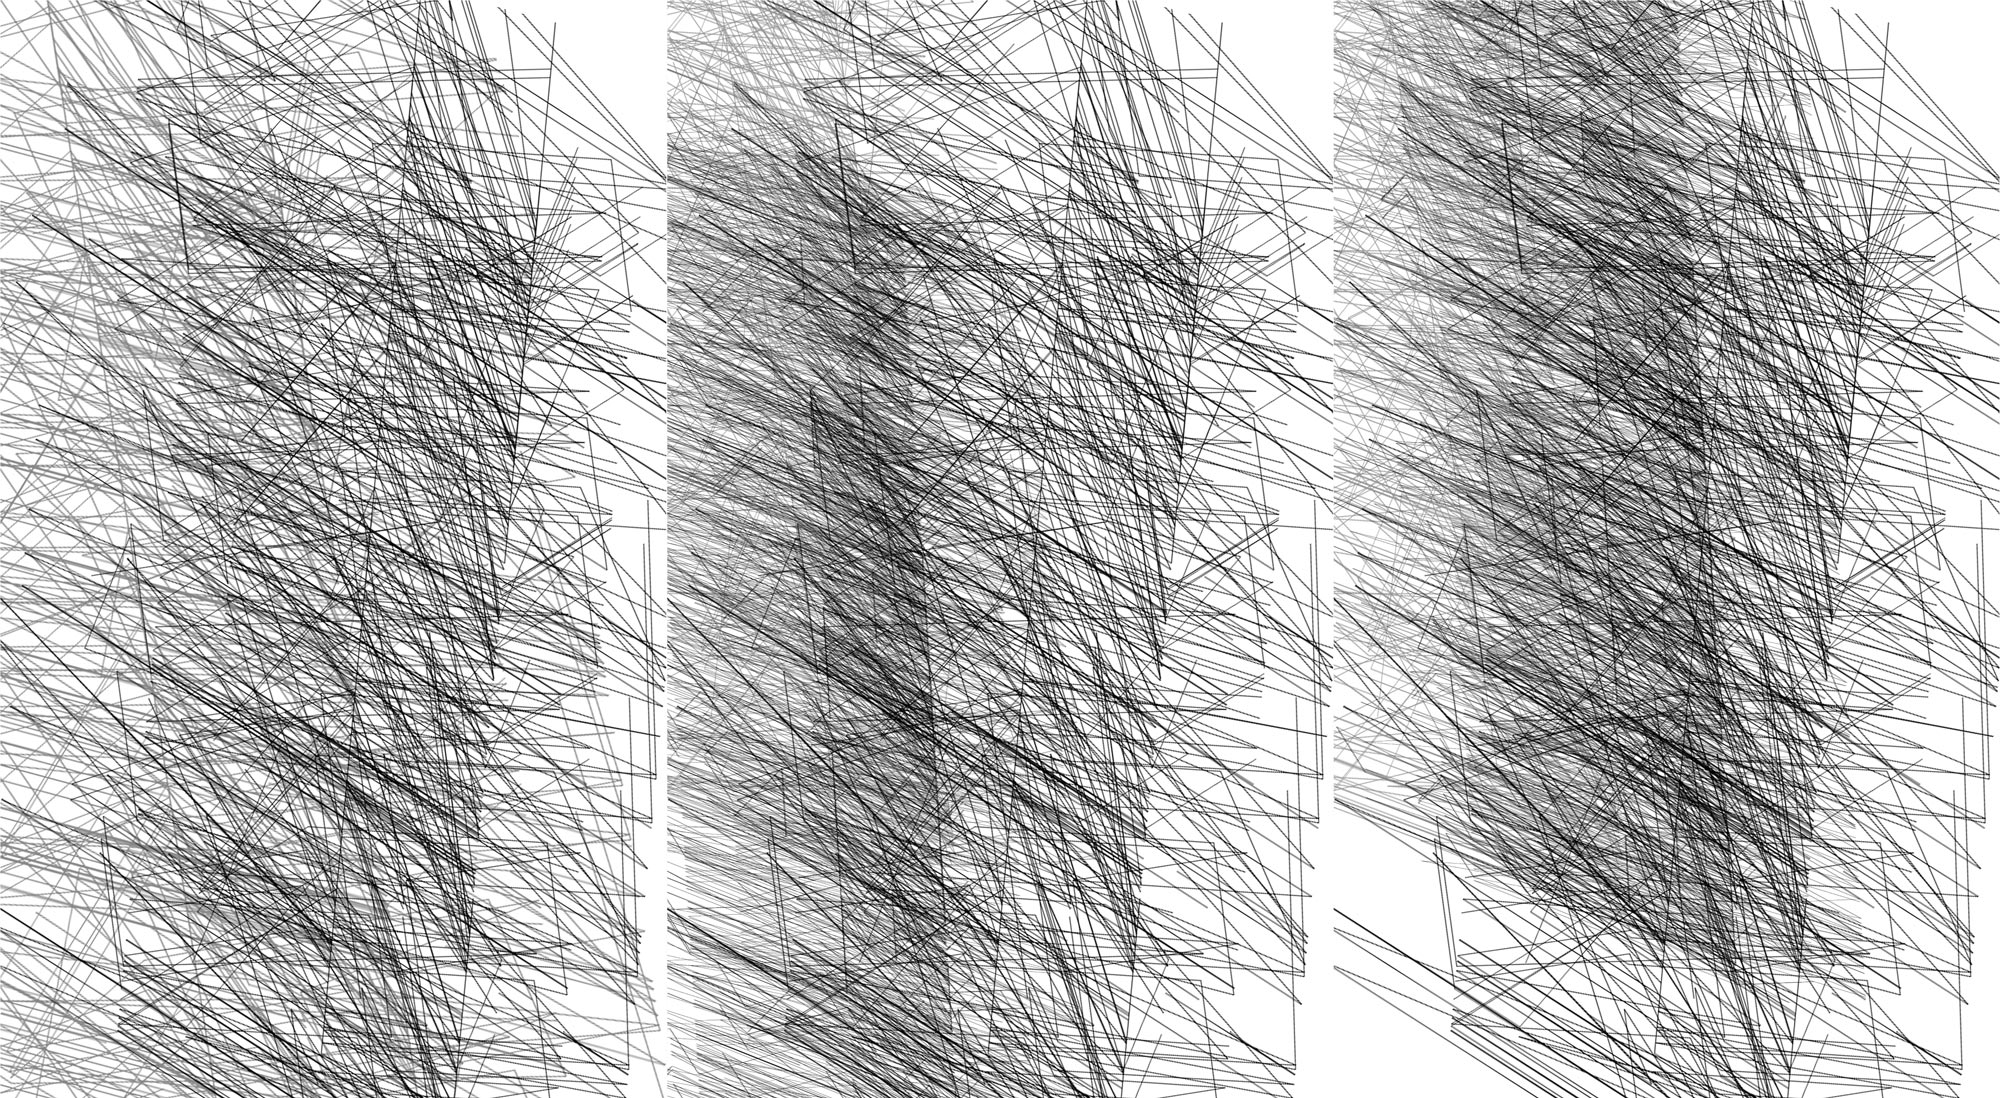 Herwig Steiner(1956L), Konzeptuelle Zeichnung{34}, Ausschnittkonstellation 9 Textbewegungsprotokoll, 2019